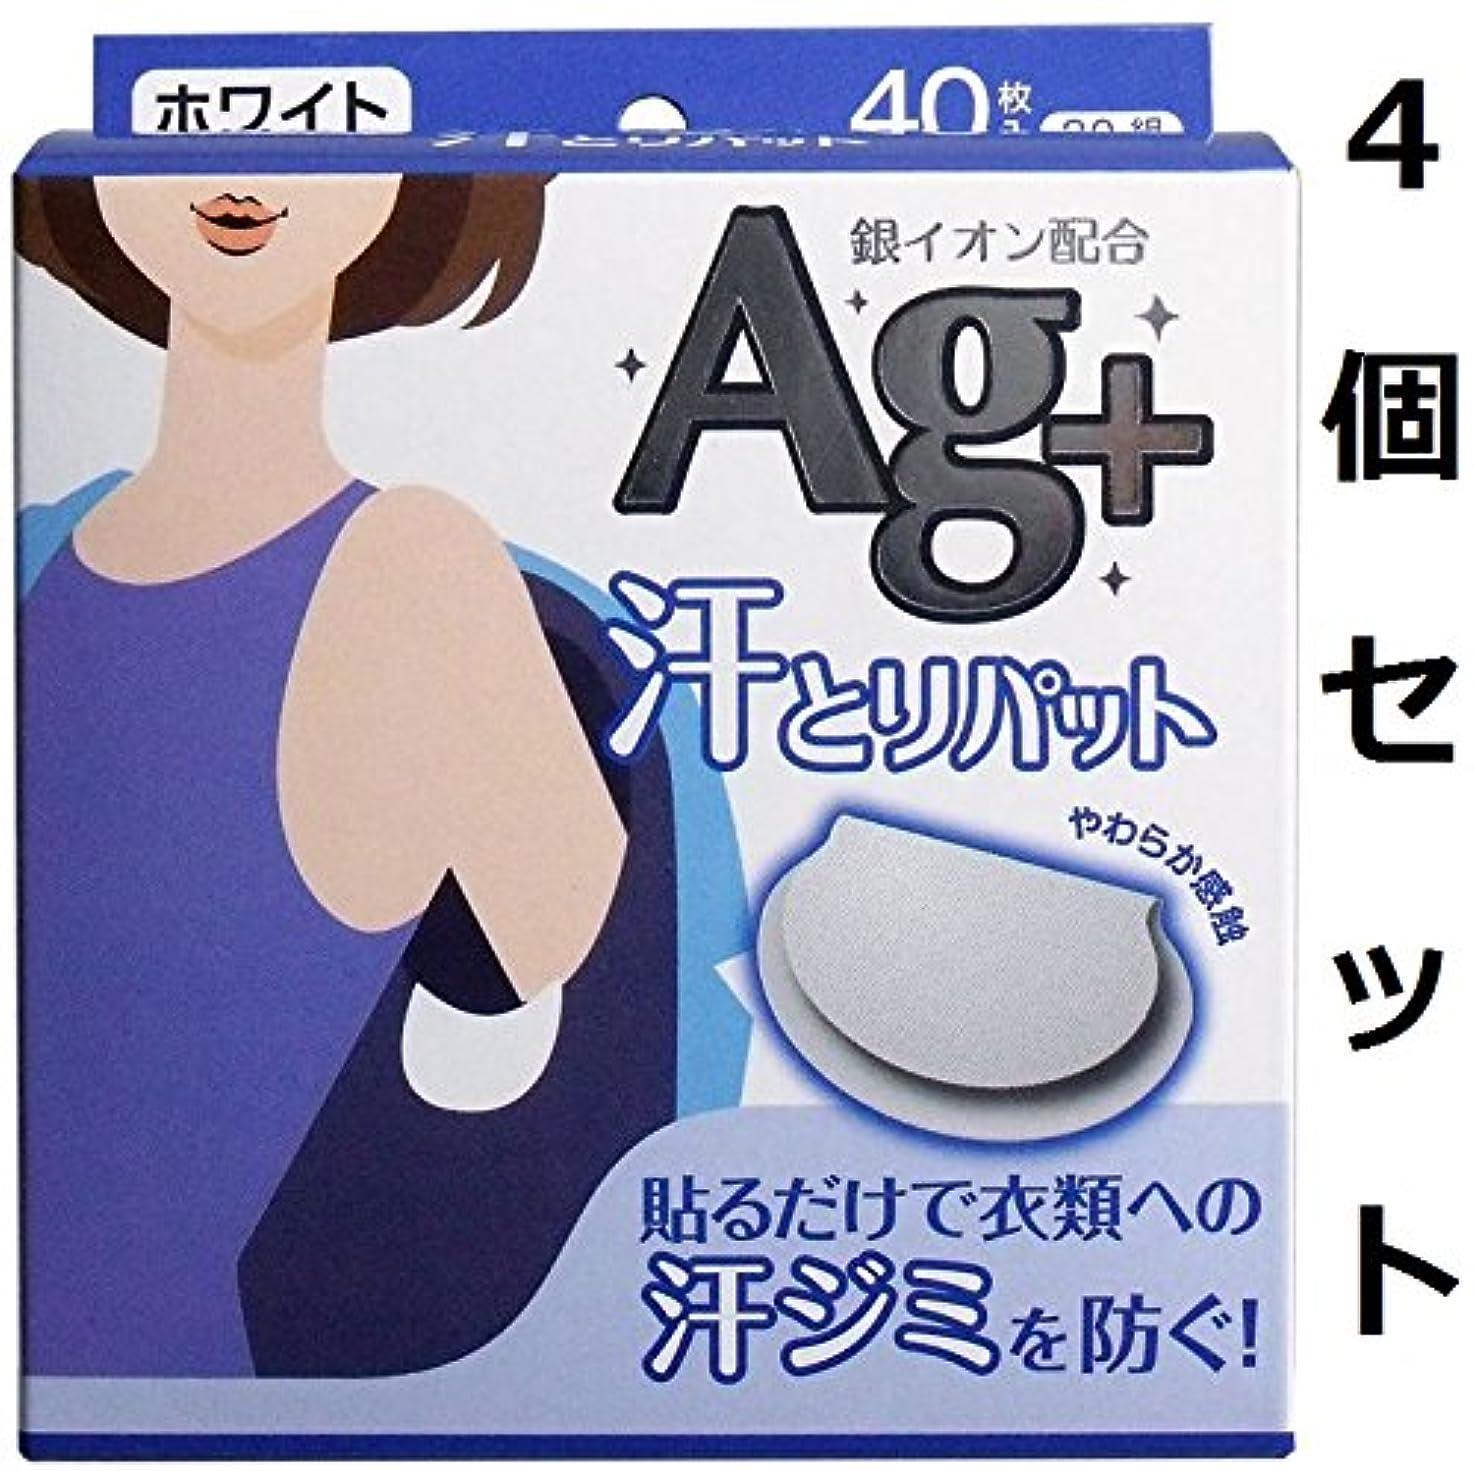 新しい意味キネマティクスオーナー貼るだけで衣類への汗ジミを防ぐ 汗とりパット 銀イオン ホワイト 40枚(20組)入 4個セット